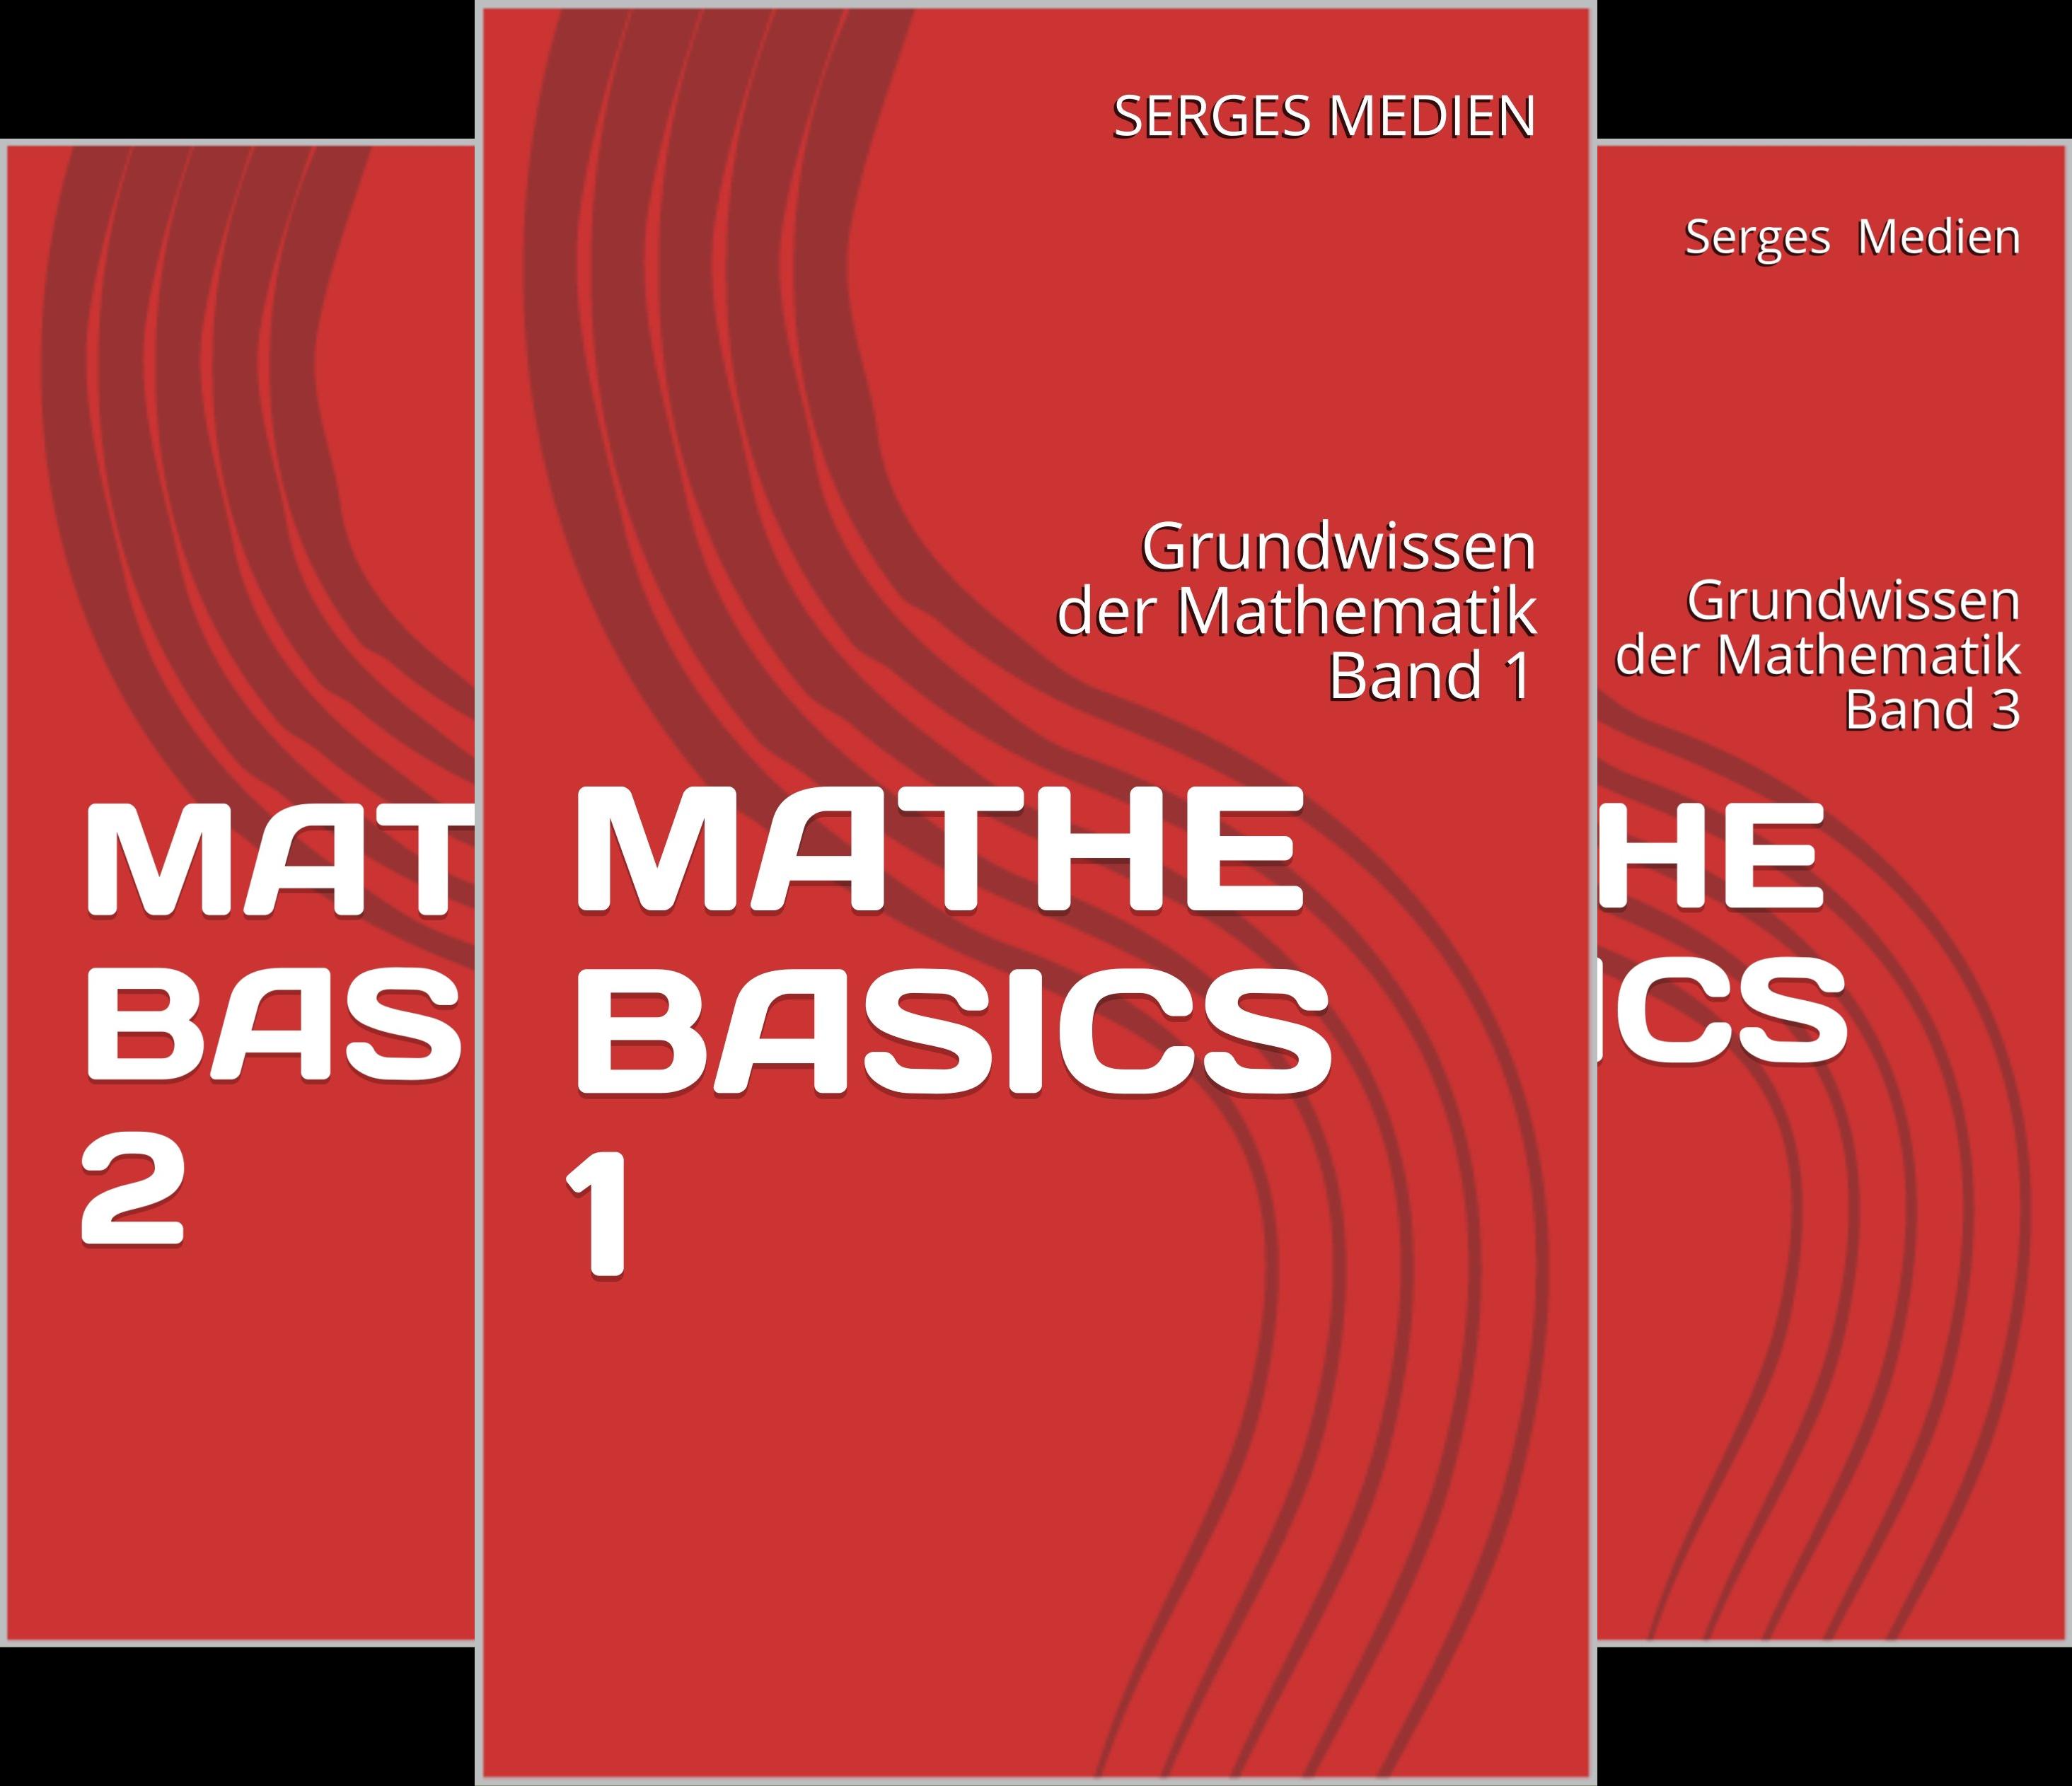 Grundwissen der Mathematik (Reihe in 4 Bänden)